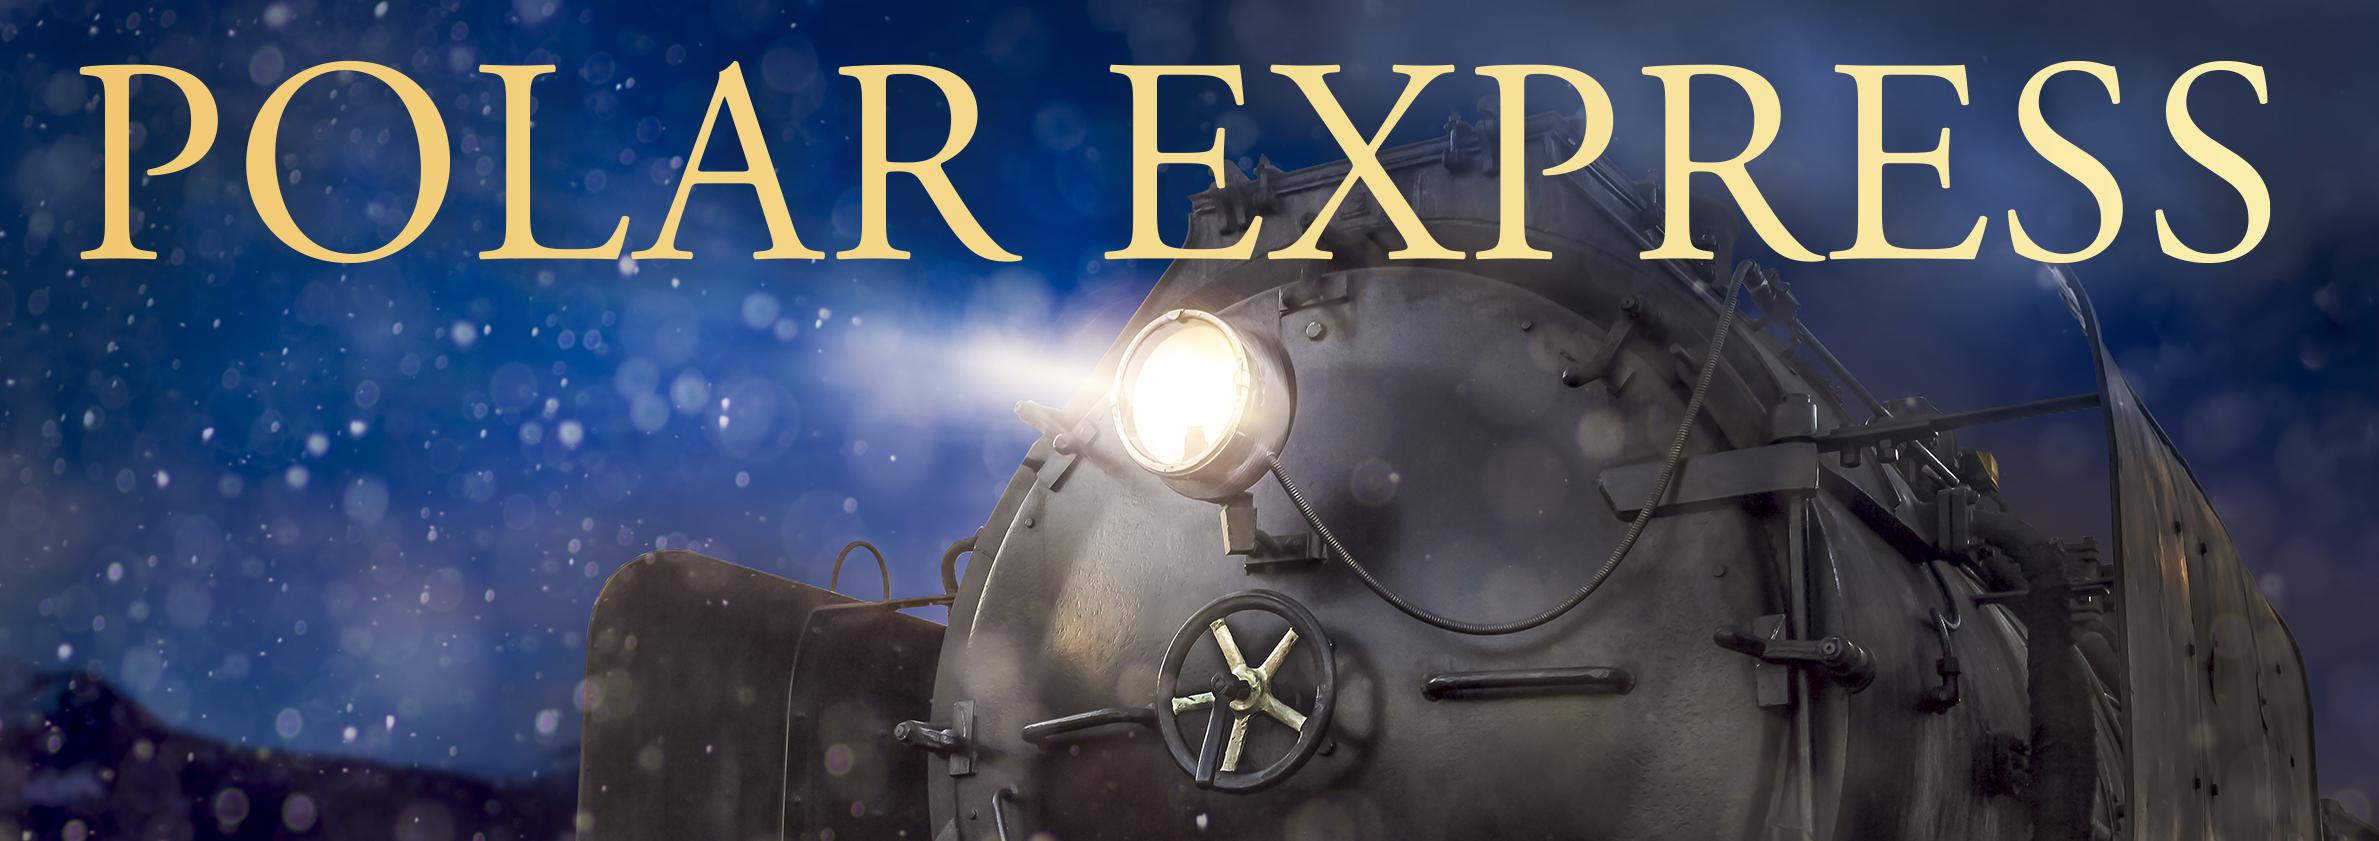 Polar Express 2018 banner